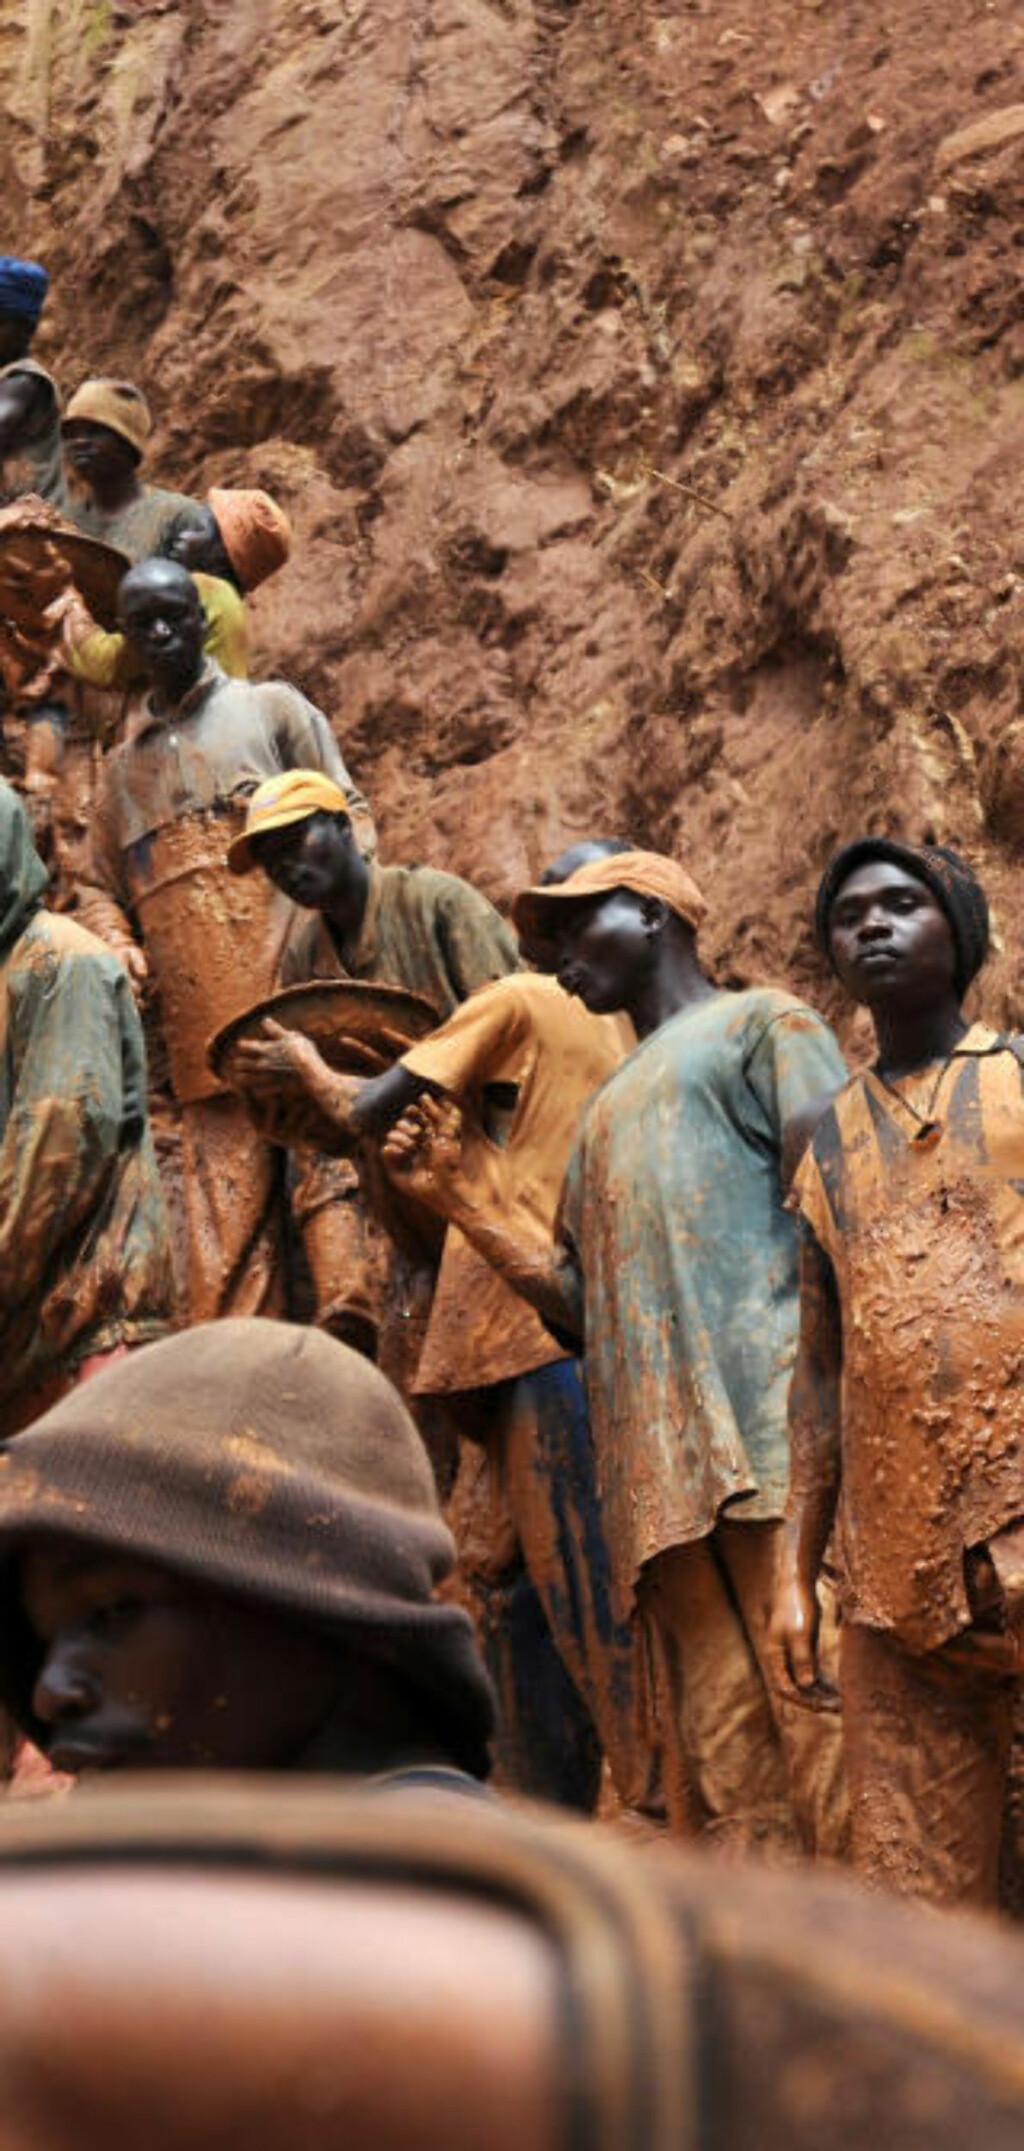 UTNYTTES: Gruvearbeiderne jobber under grusomme forhold. Foto: AFP PHOTO / LIONEL HEALING /Scanpix